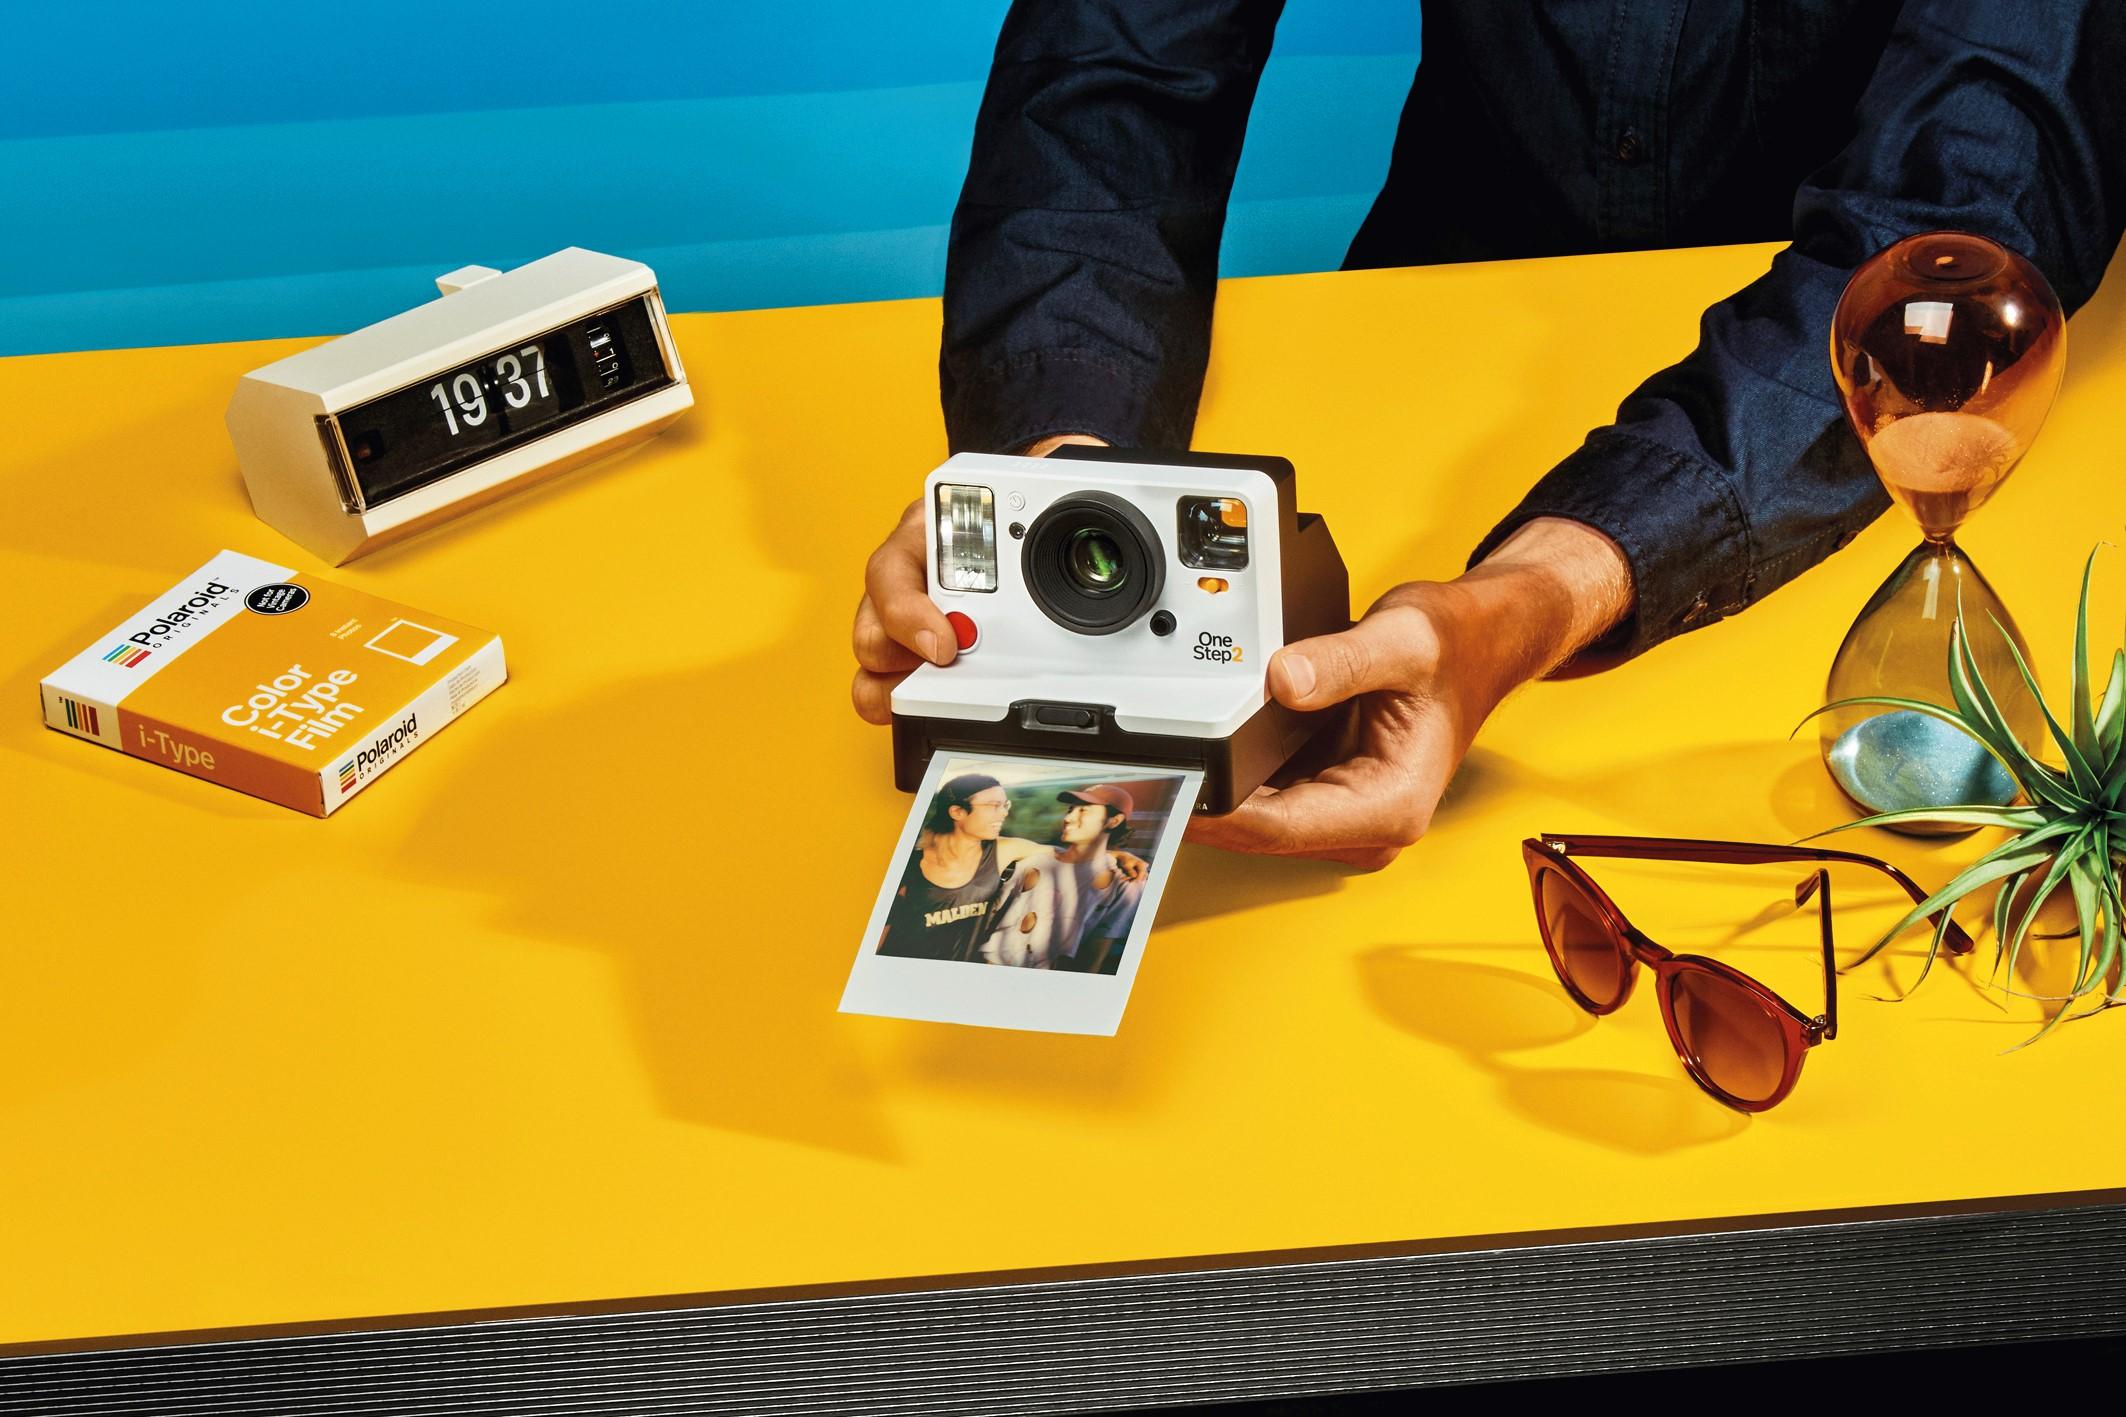 Connaissez-vous Polaroid  Bien entendu! Les fameux pola que nous agitions  frénétiquement quand nous étions enfants et dont les couleurs  disparaissaient ... 1b93bc3f2f1d